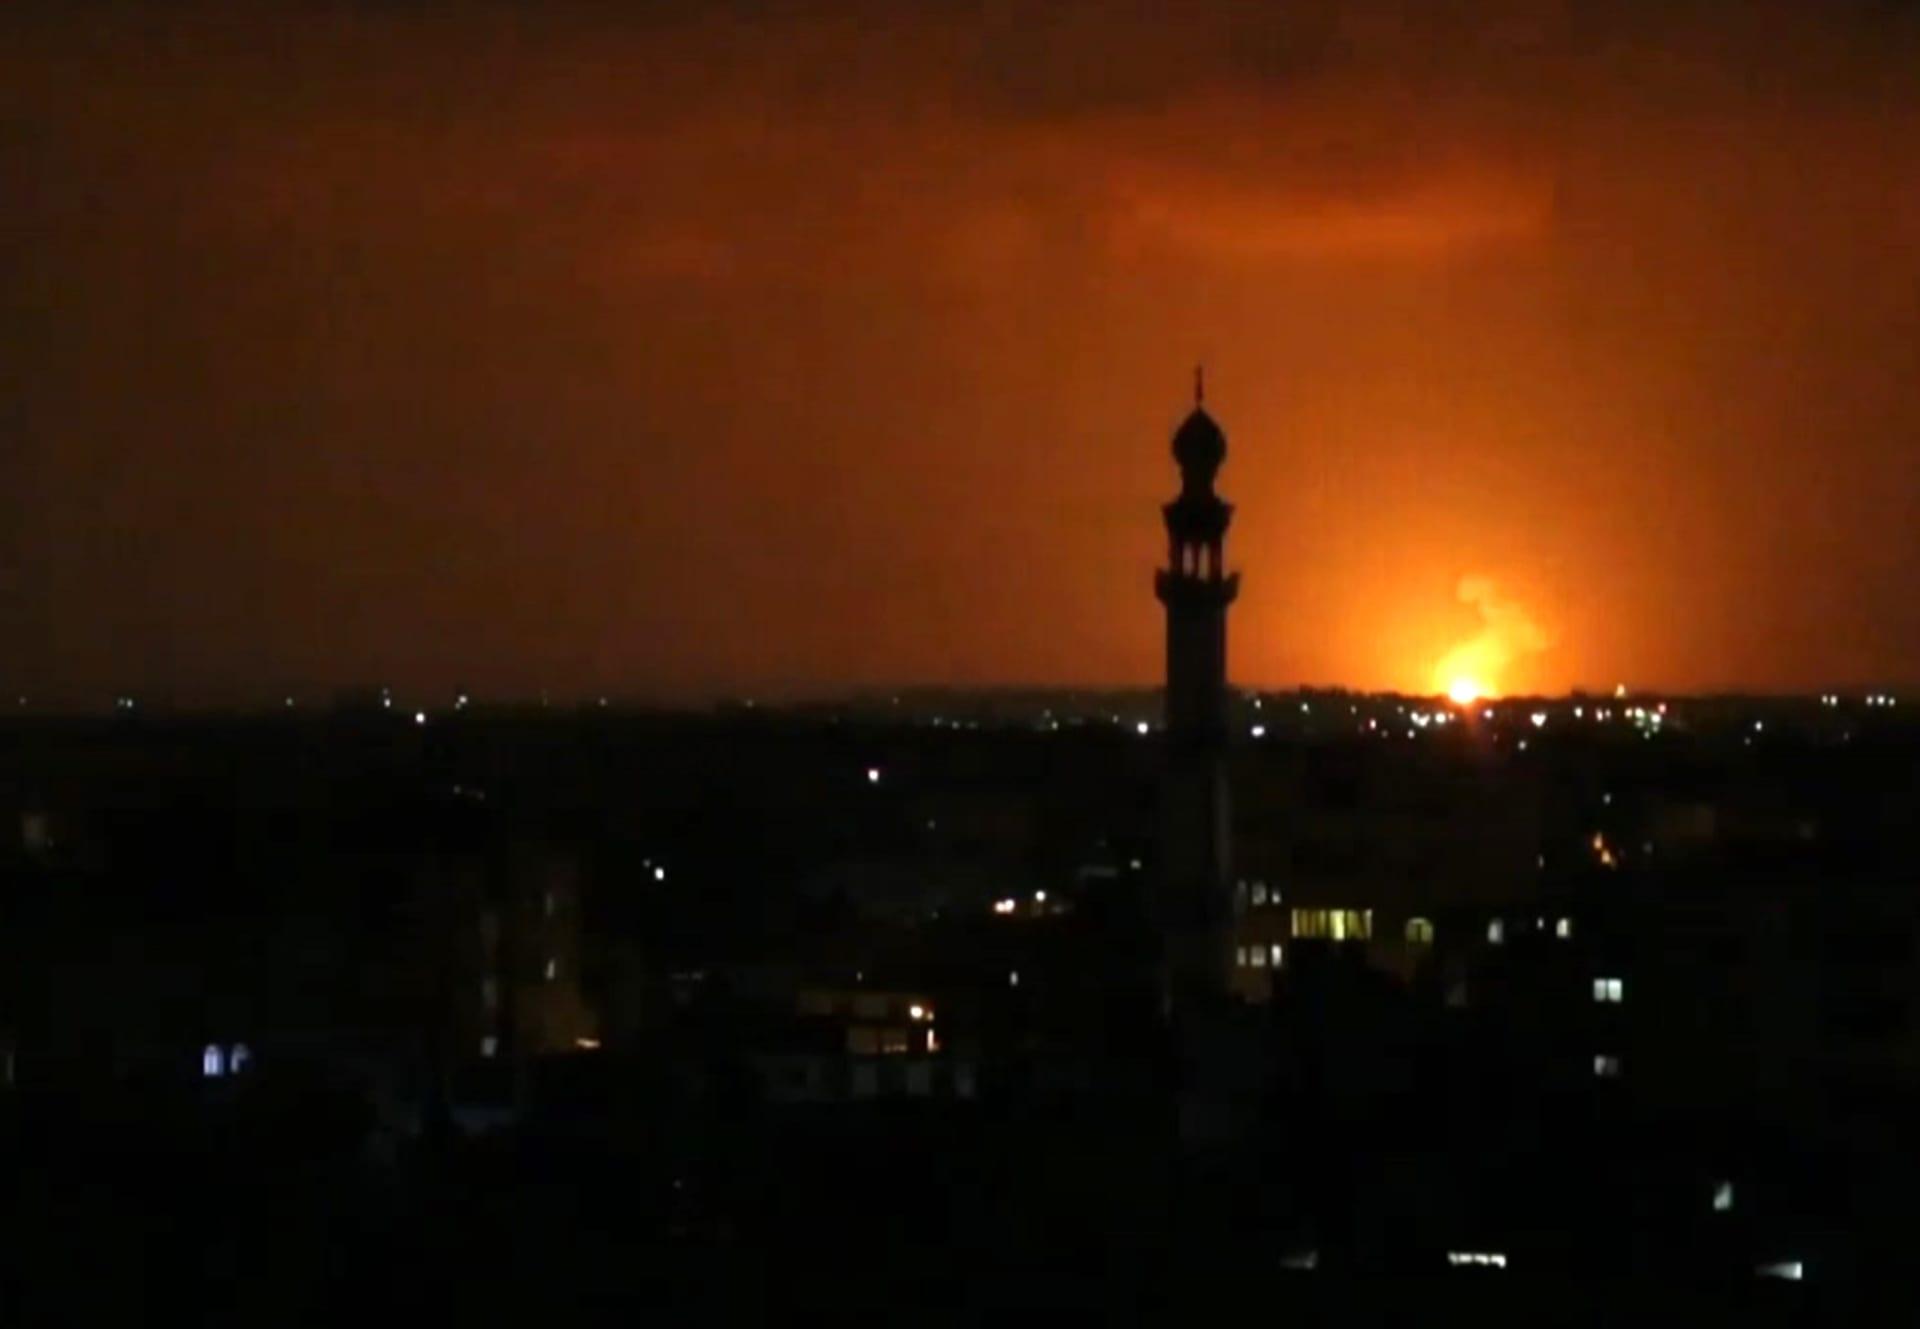 إسرائيل تعلن اعتراض 7 صواريخ أطلقت من قطاع غزة